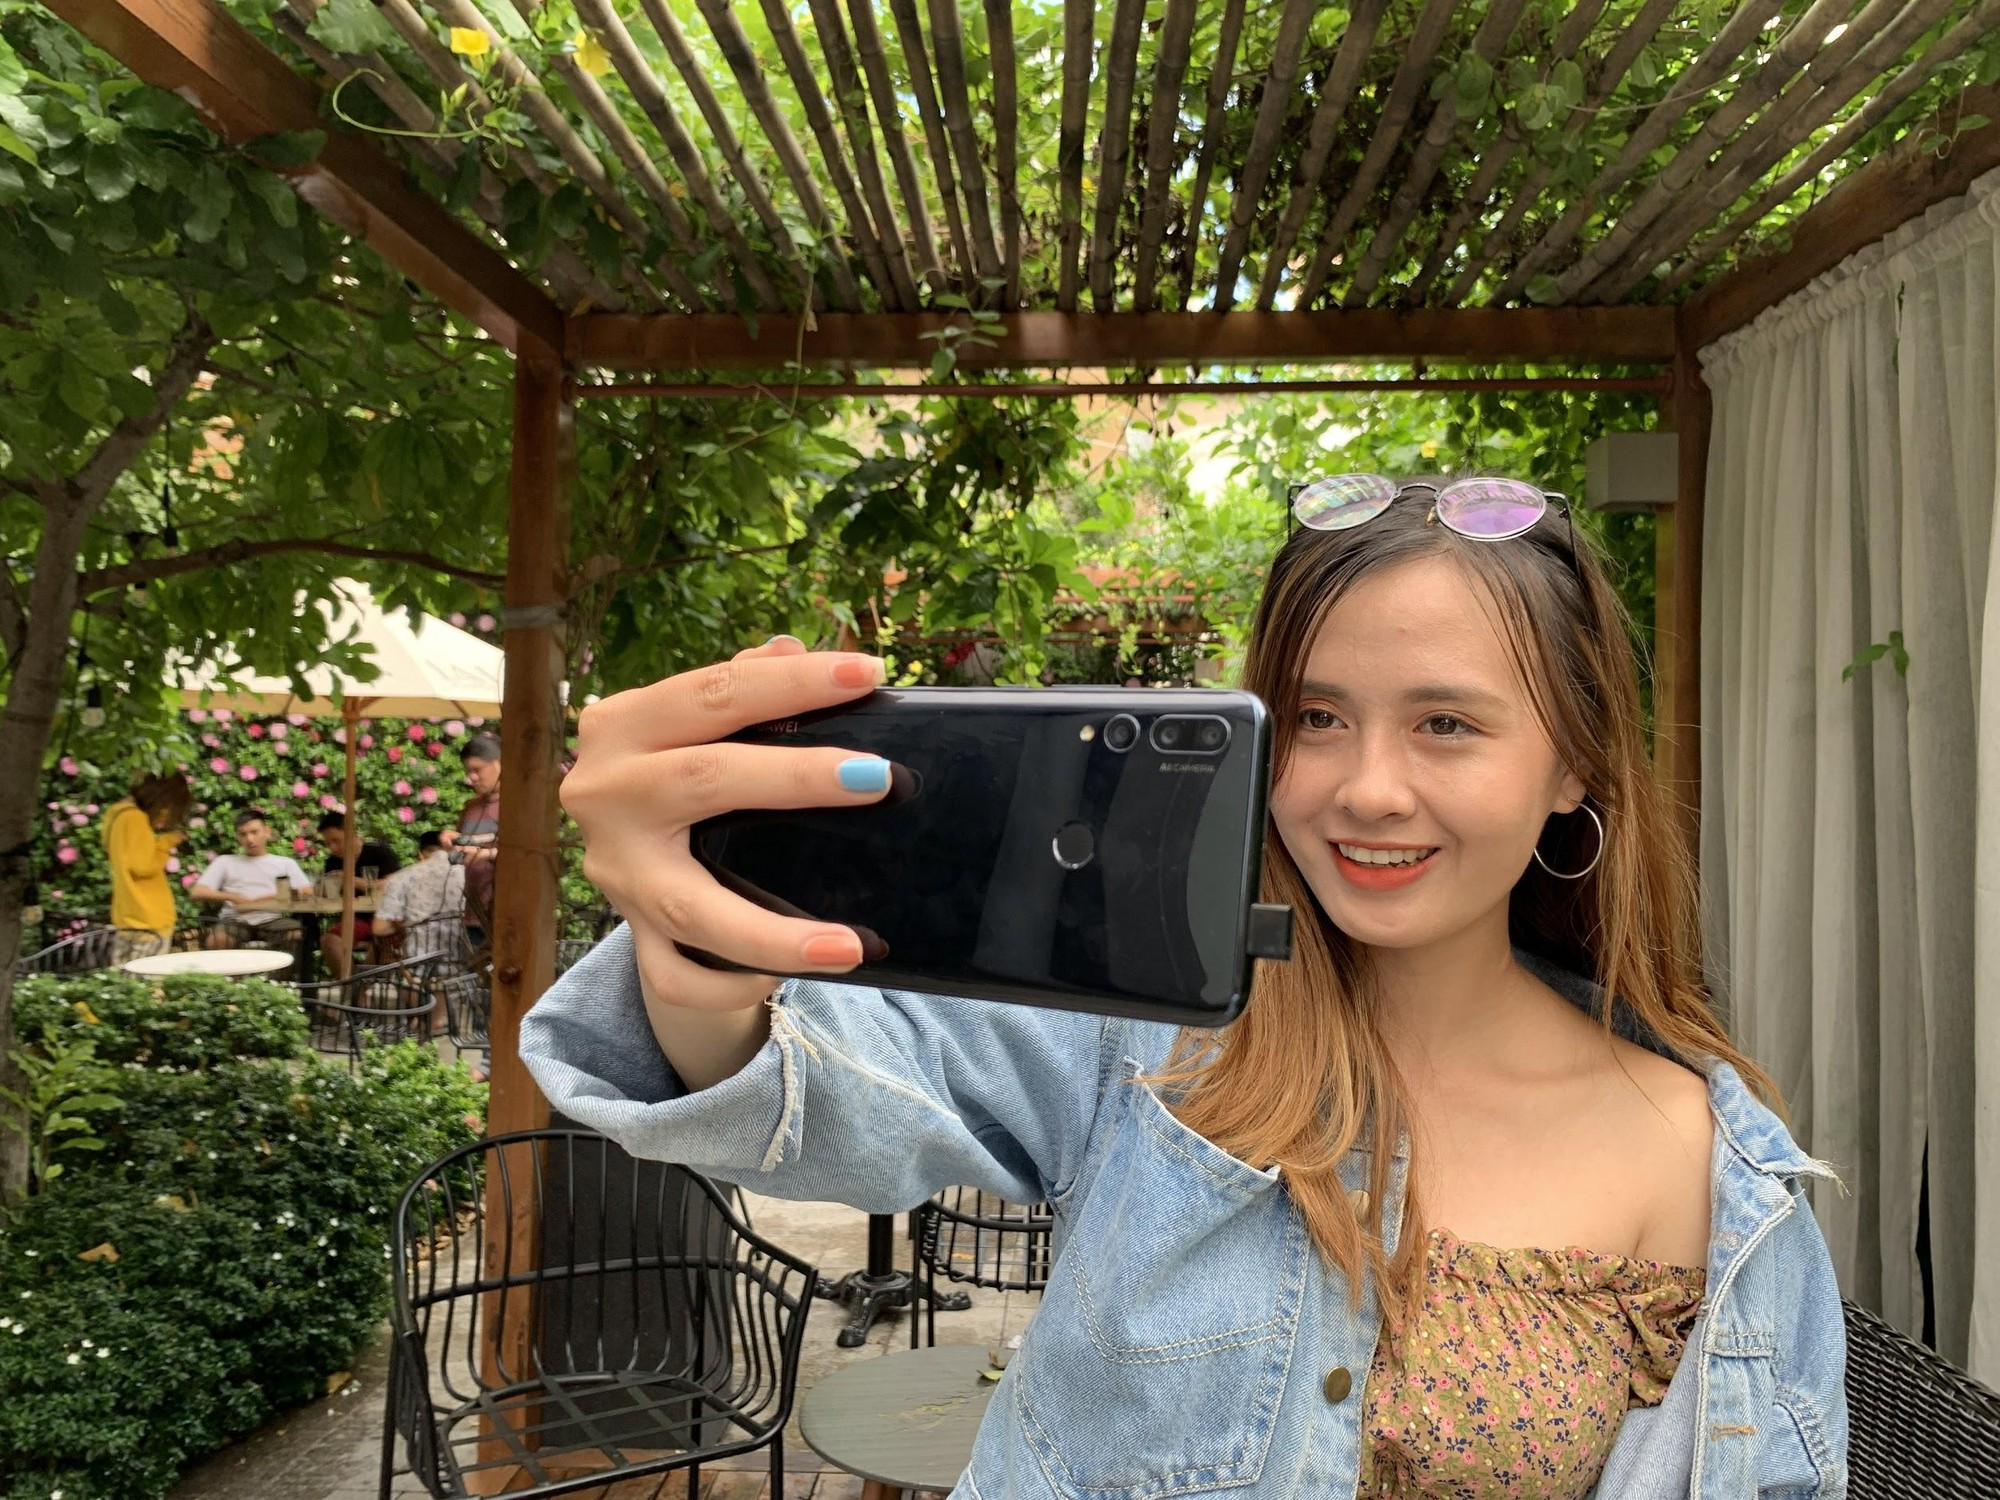 Thử thách chụp ảnh không cần camera man, chỉ cần Y9 Prime 2019! - Ảnh 2.